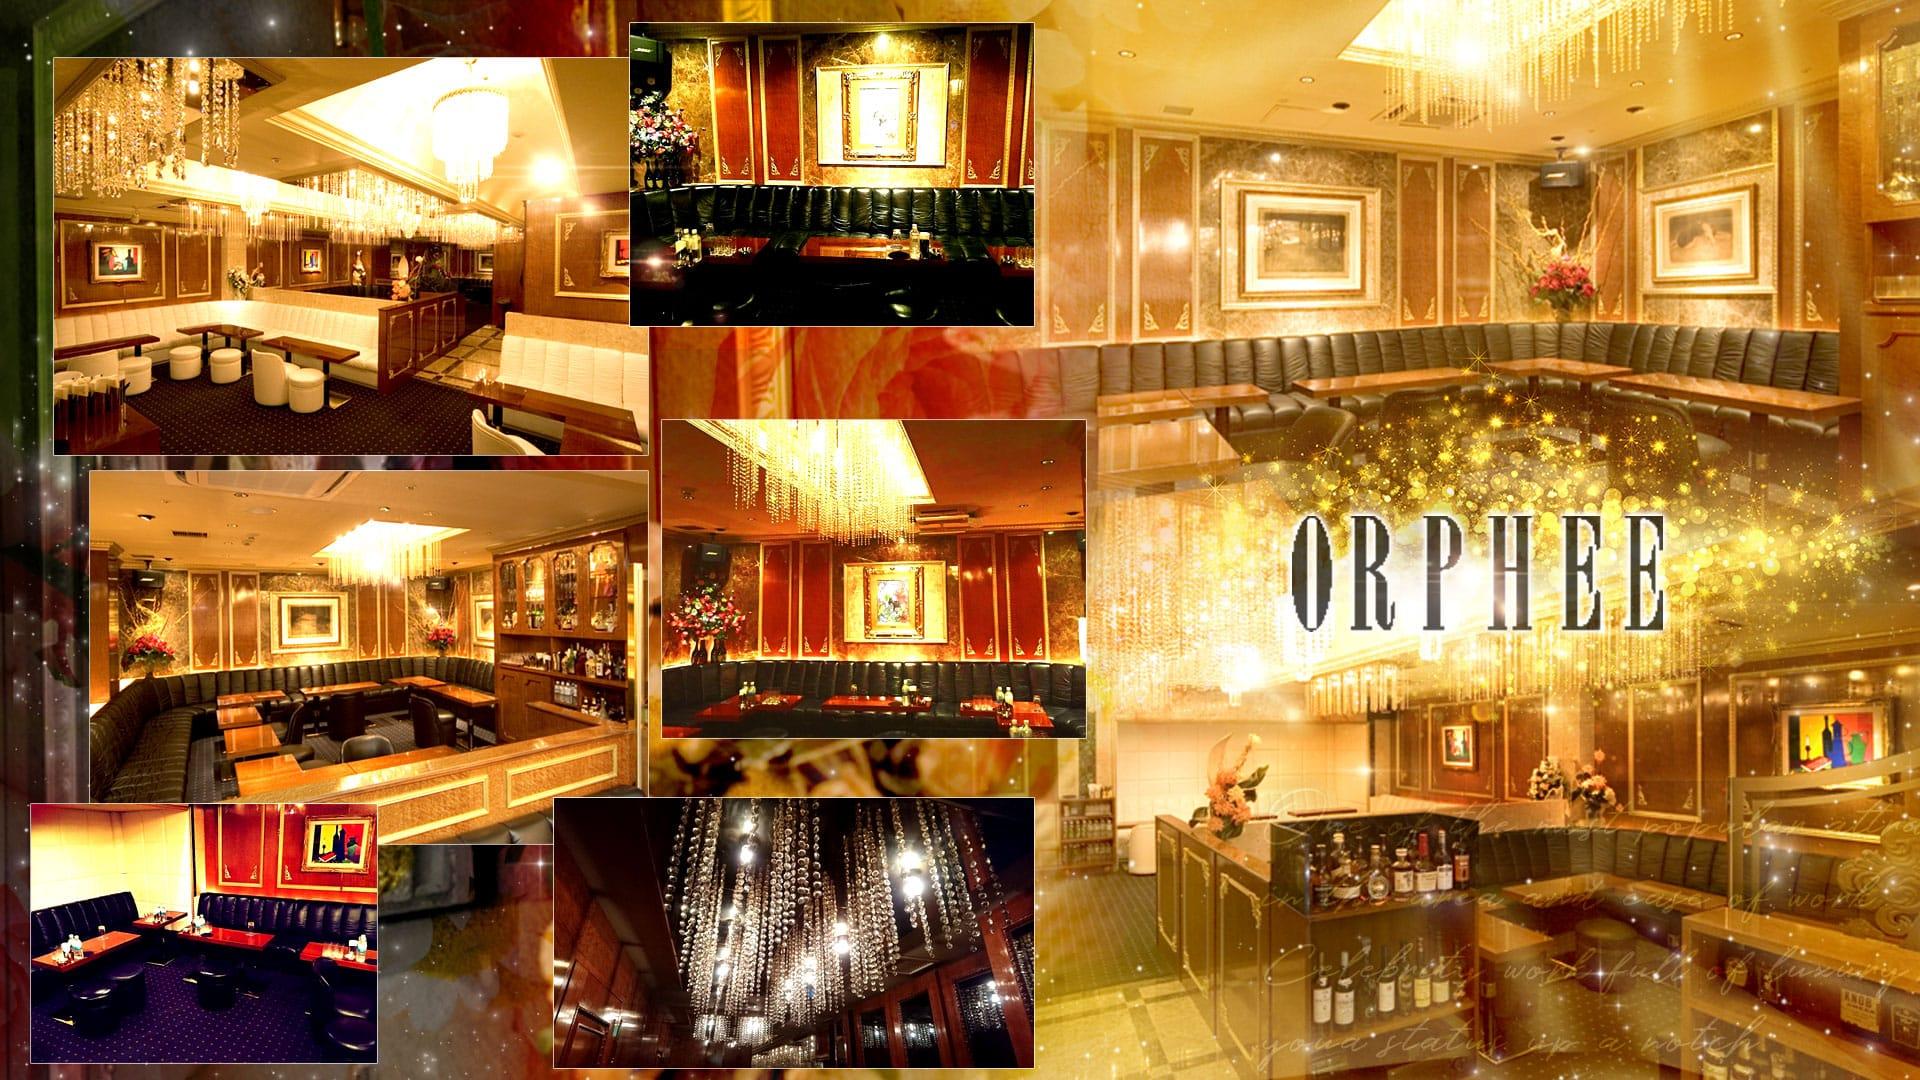 GINZA CLUB ORPHEE(ギンザクラブオルフェ) 銀座ニュークラブ TOP画像